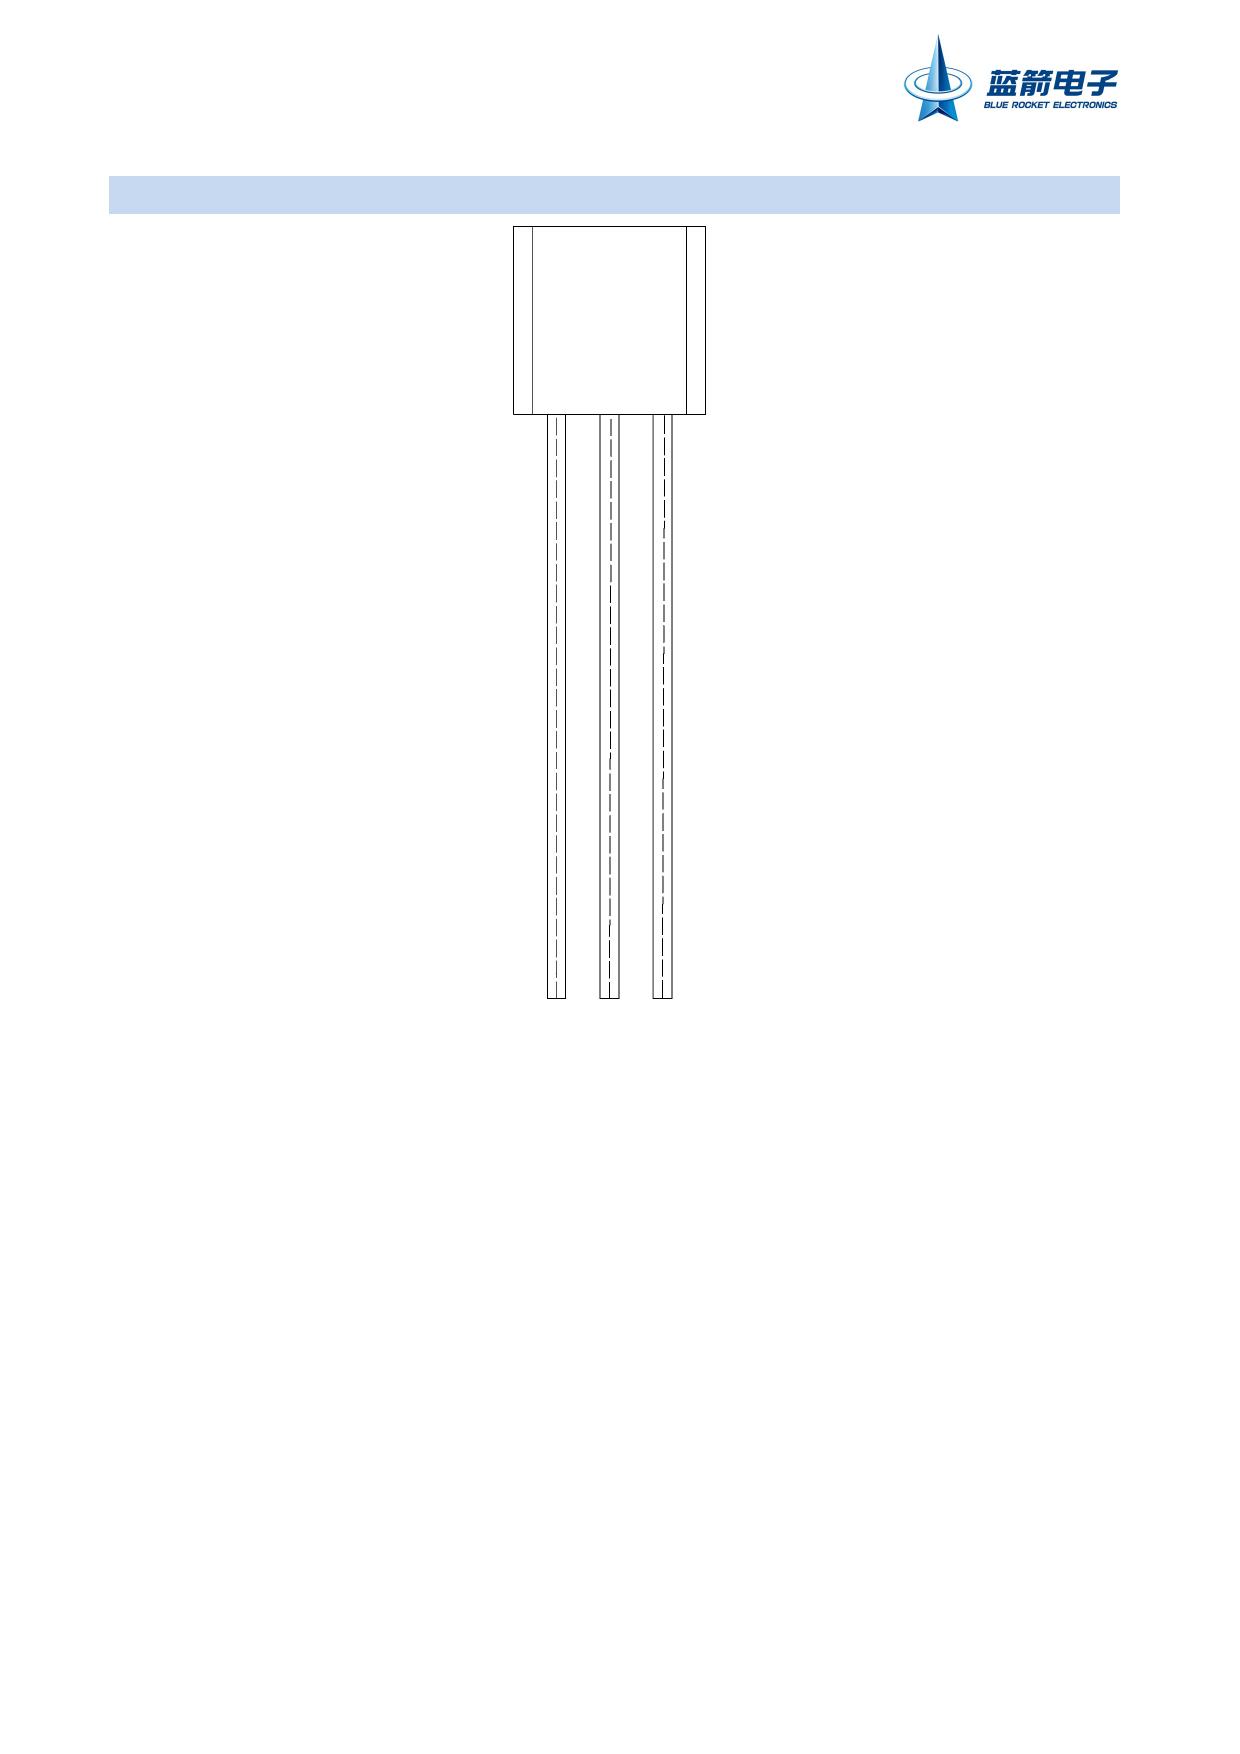 X0605MK pdf